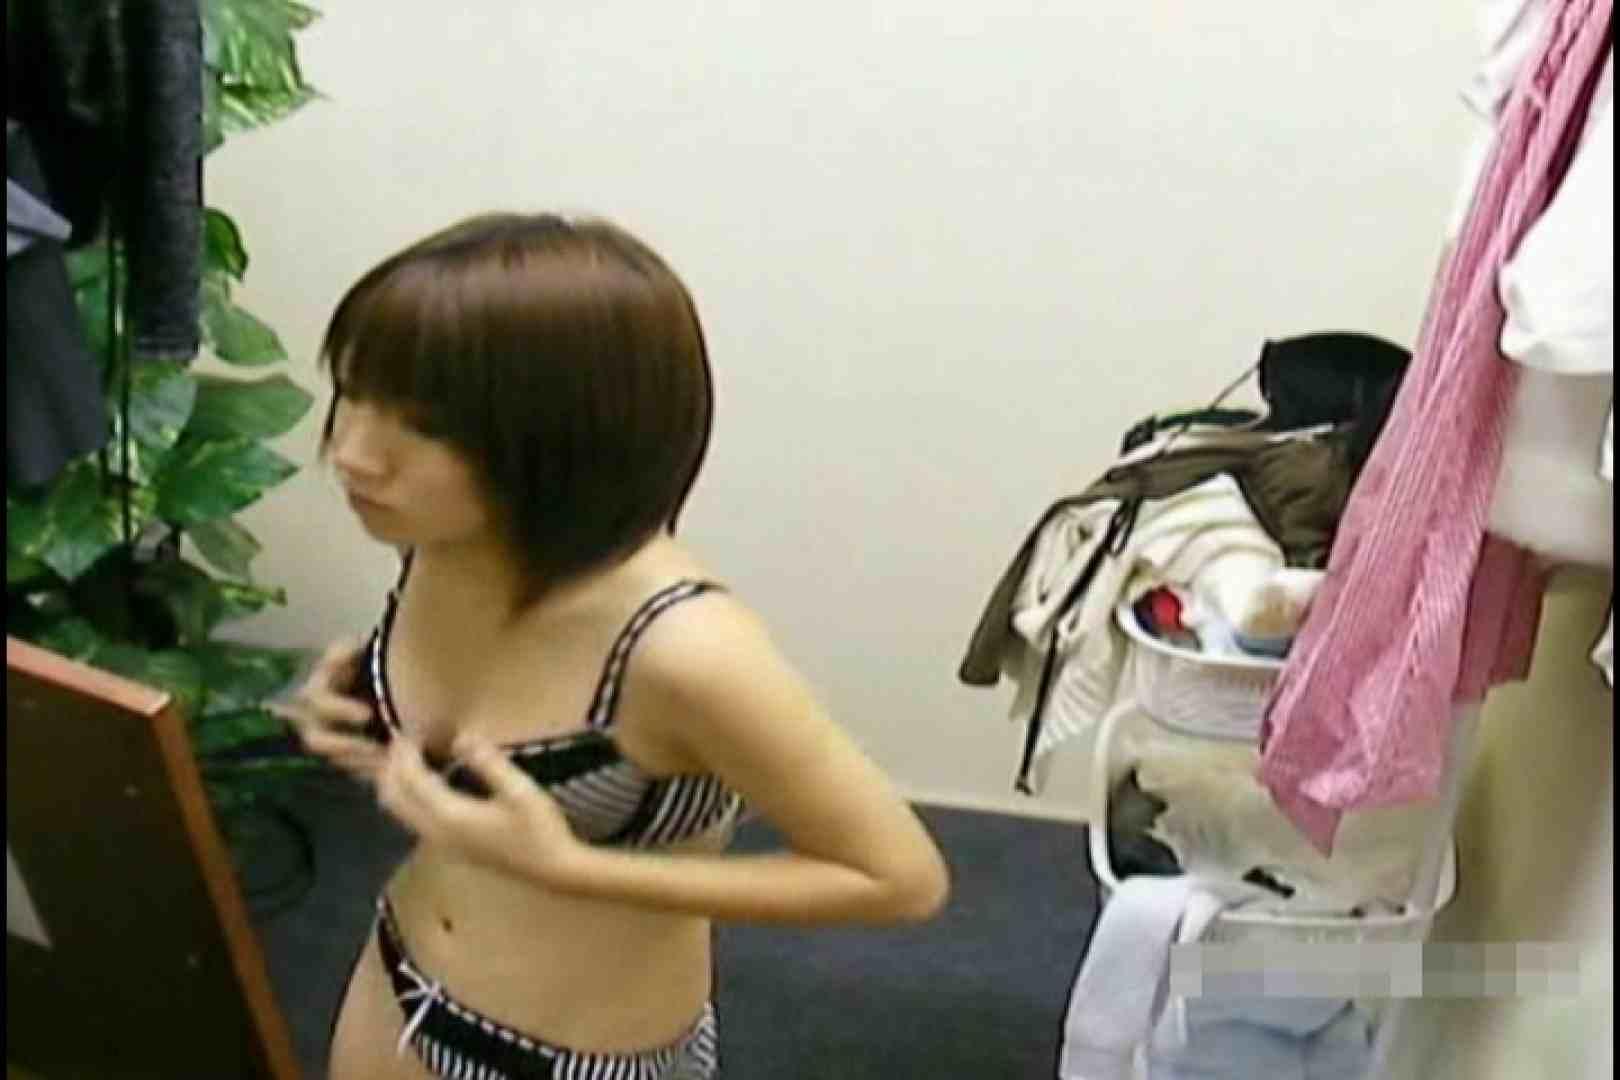 素人撮影 下着だけの撮影のはずが・・・れみ18歳 水着コレクション 濡れ場動画紹介 77枚 39